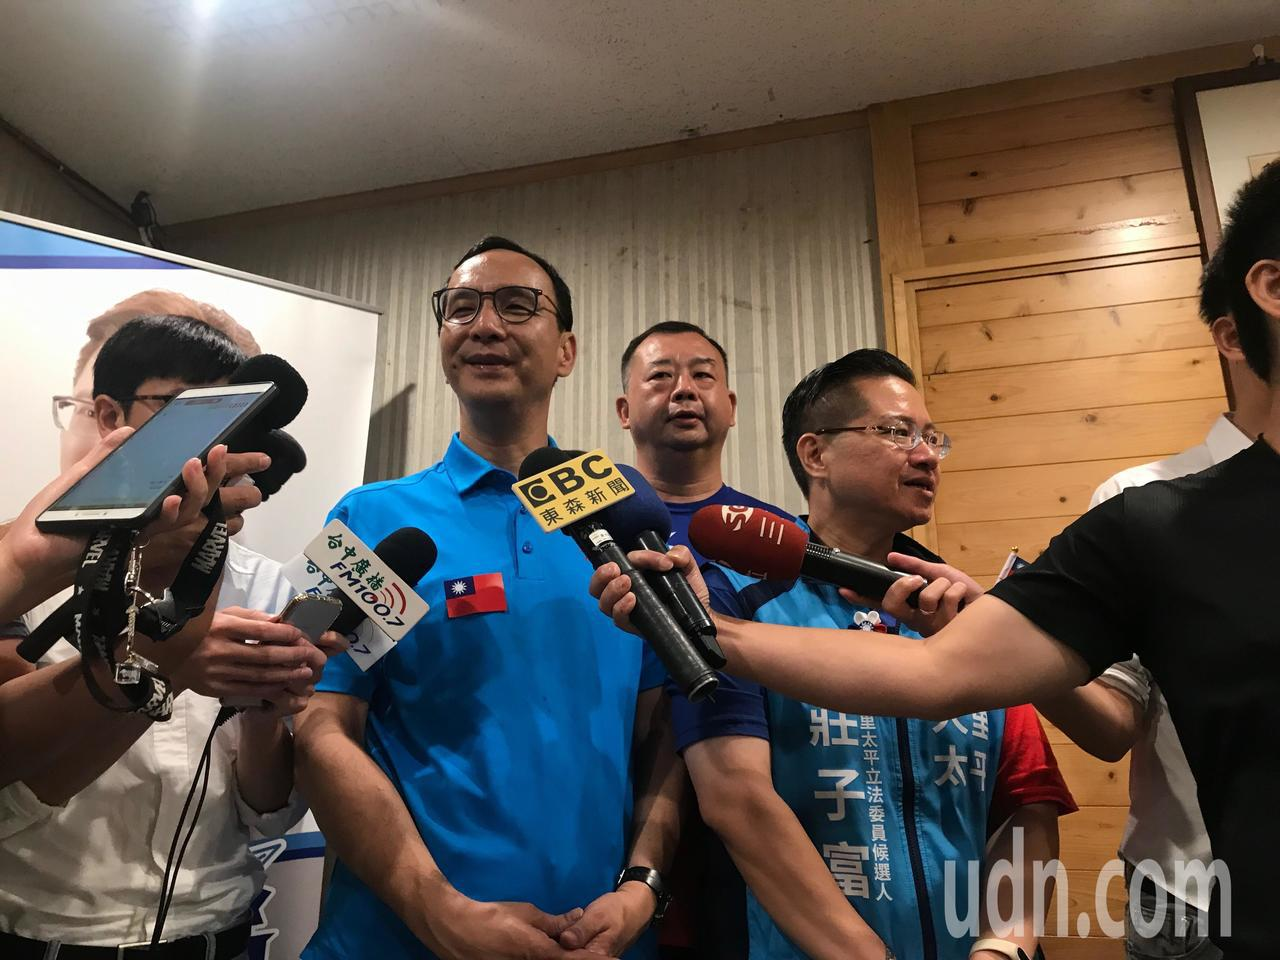 新北市前市長朱立倫今參加台中國慶升旗,並接受廣播訪問。朱立倫說,選舉只靠國民黨員...